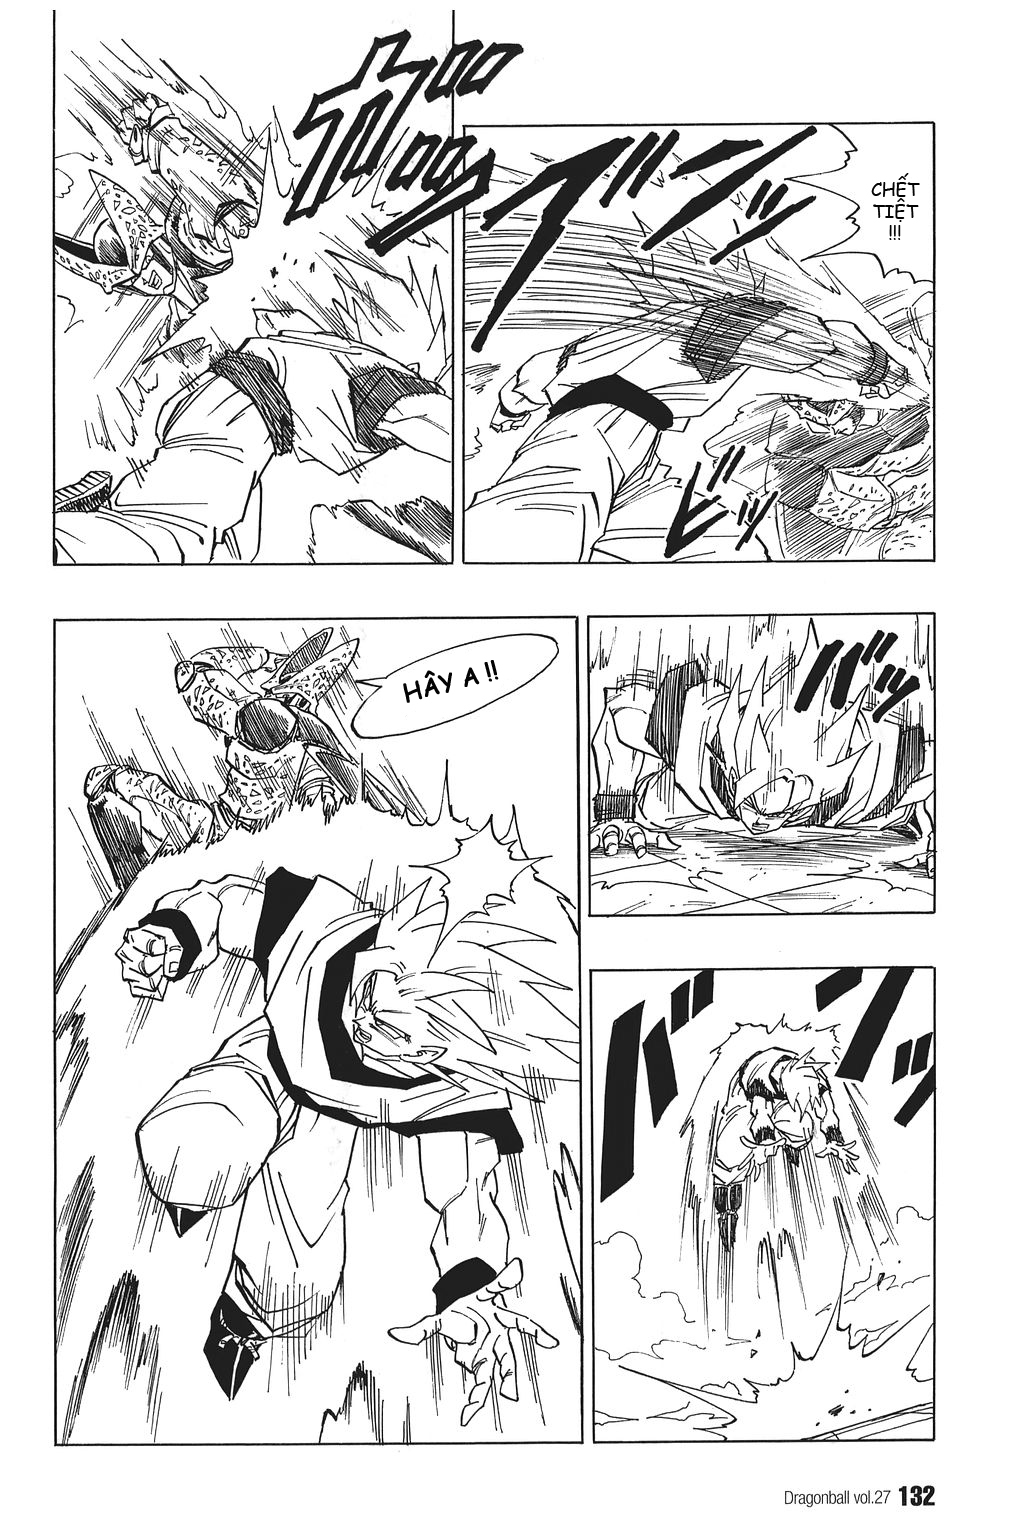 xem truyen moi - Dragon Ball Bản Vip - Bản Đẹp Nguyên Gốc Chap 399